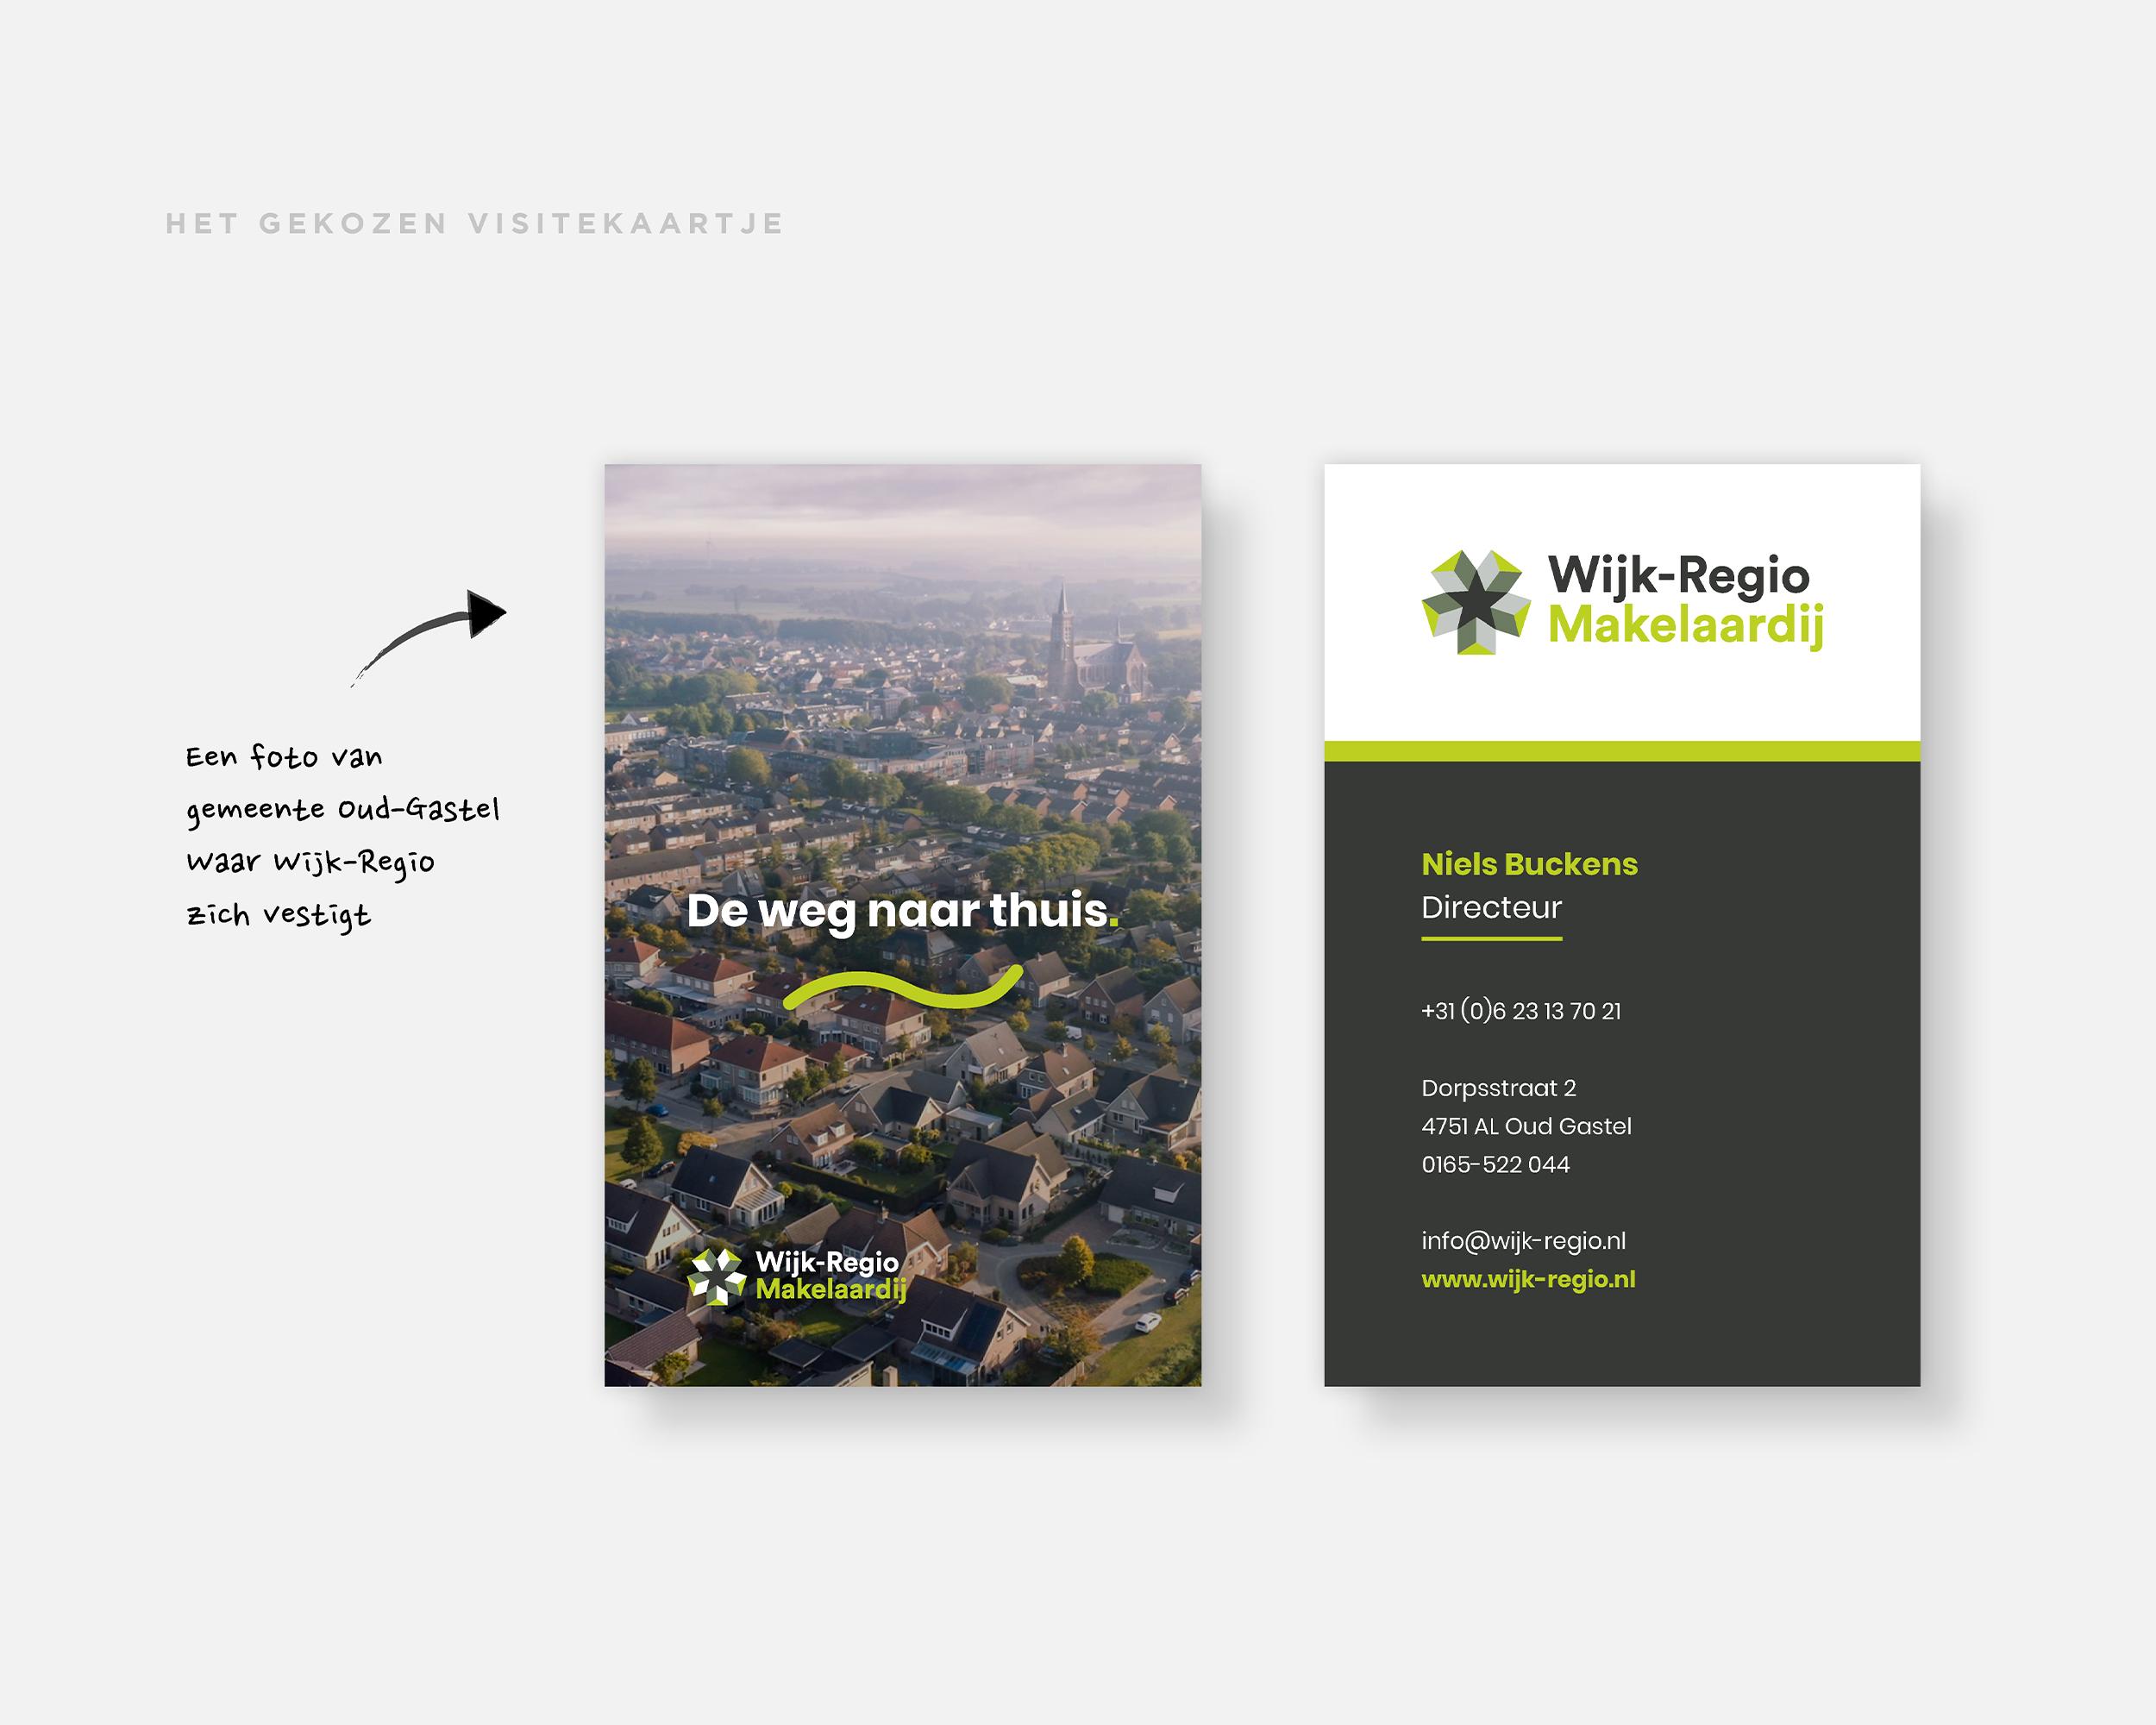 Assets_Wijk-Regio_Makelaardij_4